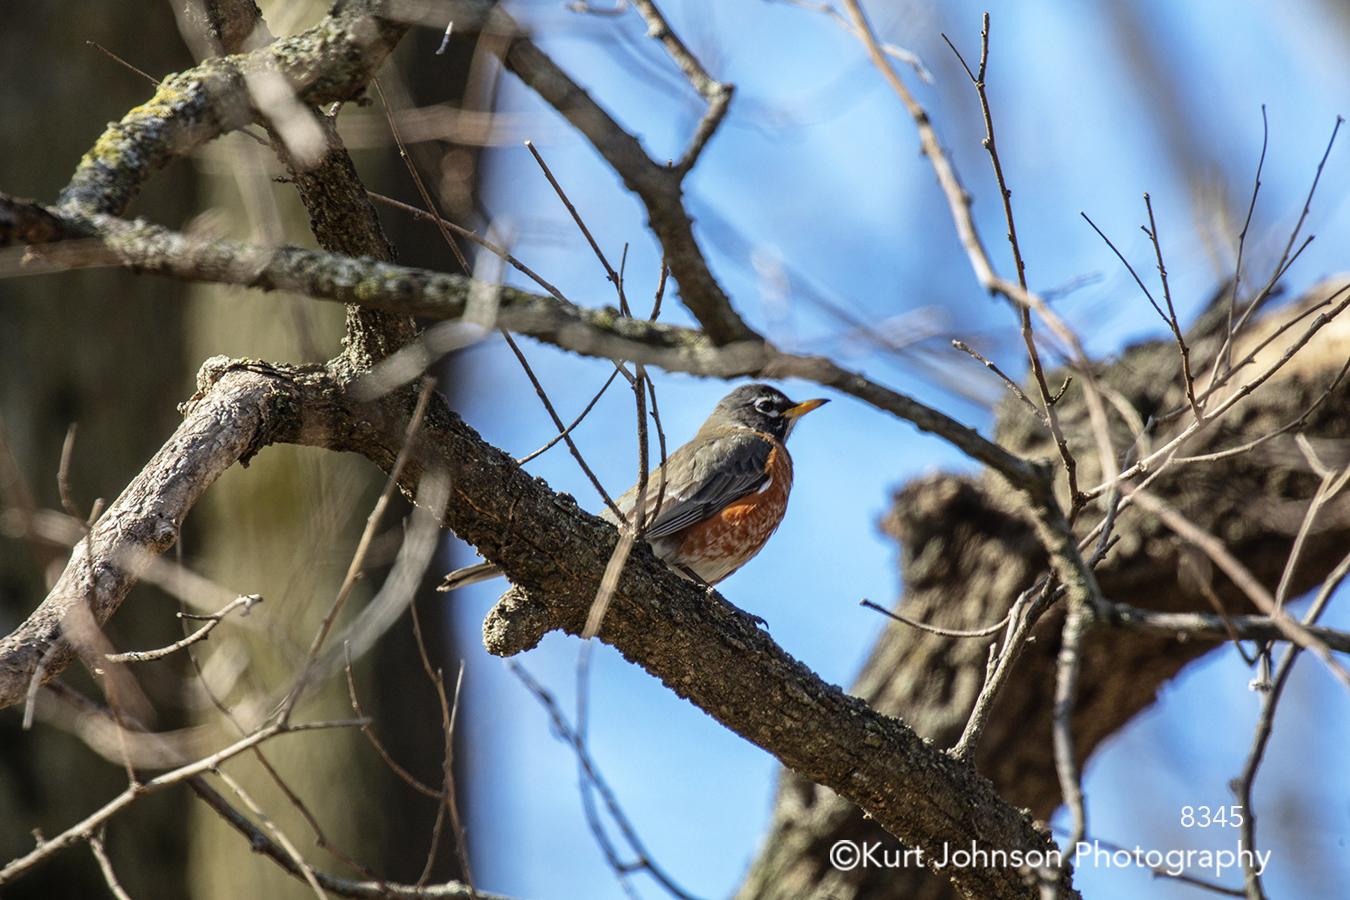 black orange bird tree branches blue sky nature cute children children's art animal wildlife